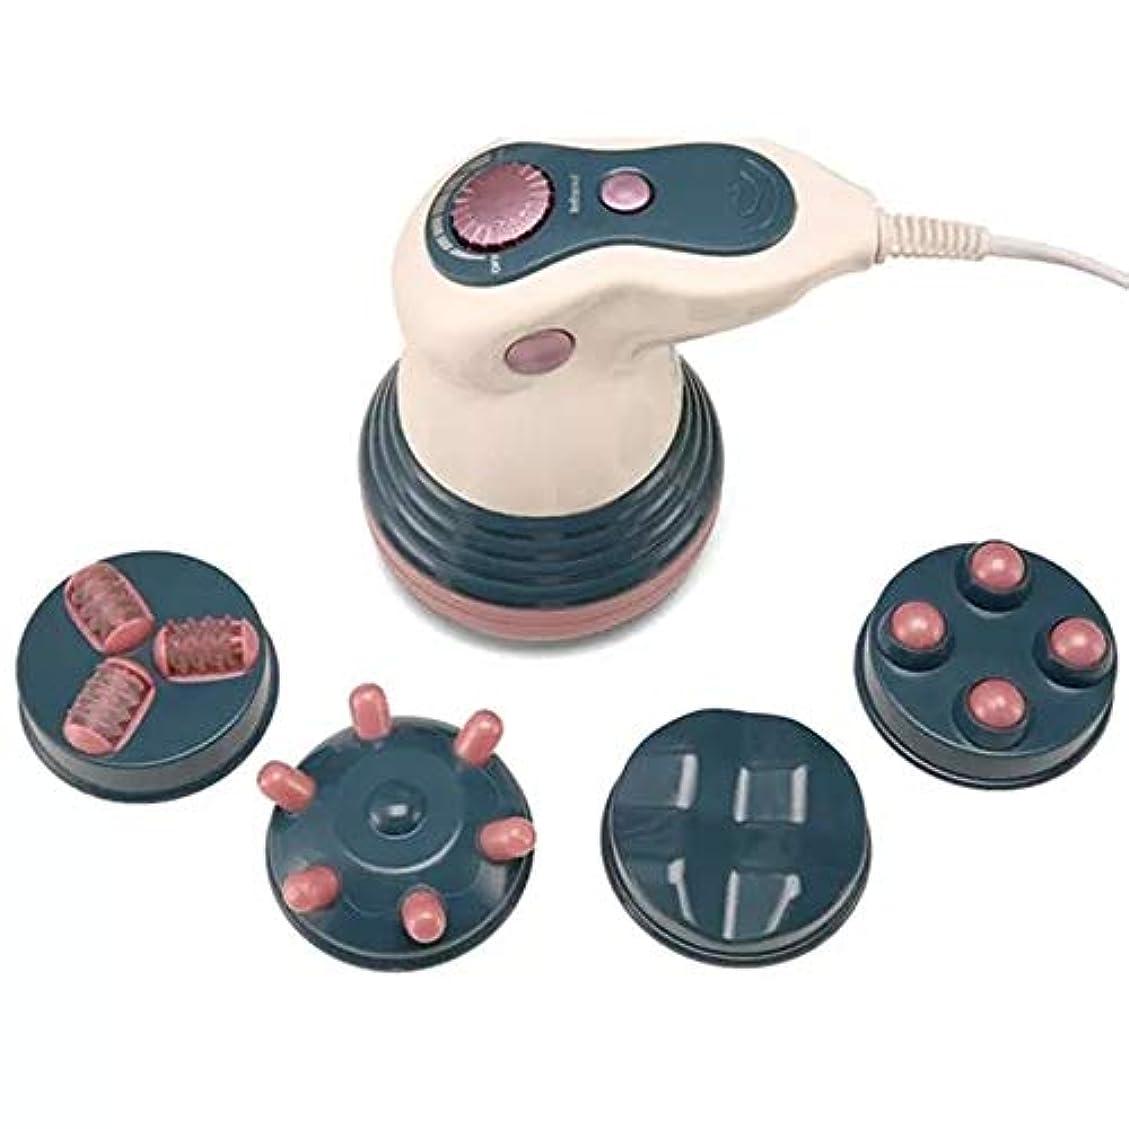 農業の乙女学士機械緩和を細くする1つの電気赤外線全身のマッサージャー用具の減量の反セルライトに付き4つ